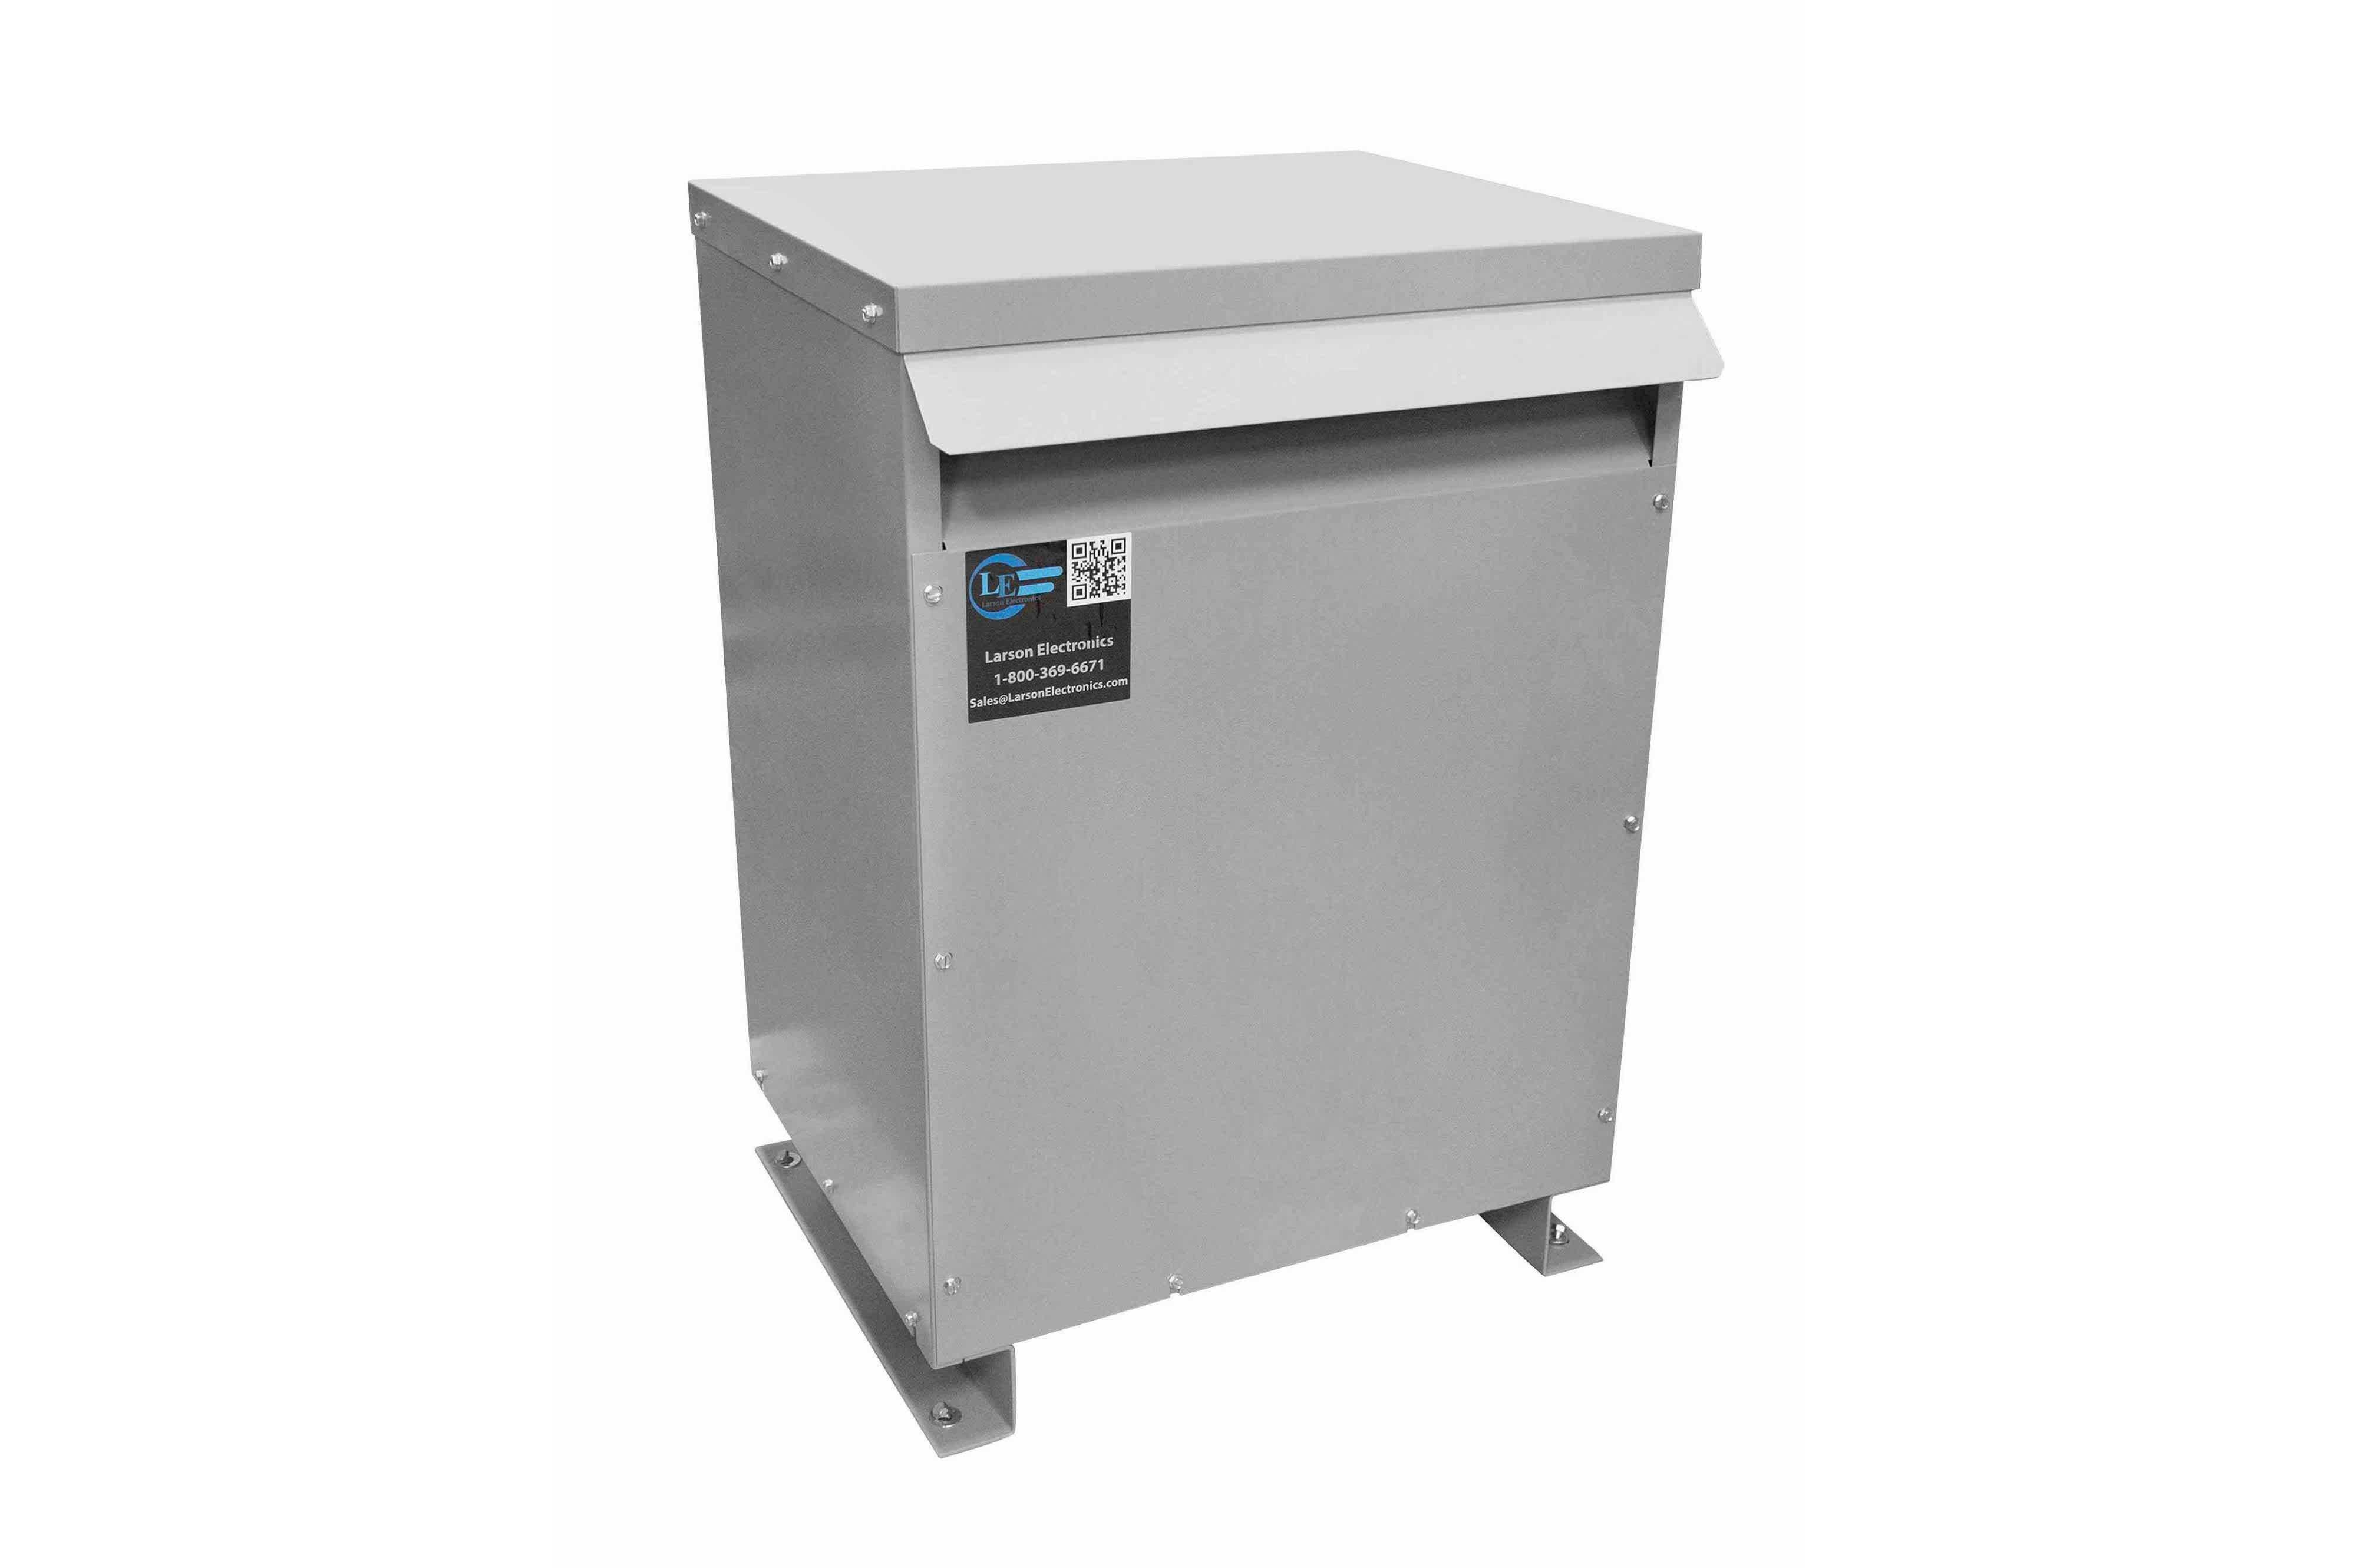 75 kVA 3PH Isolation Transformer, 460V Delta Primary, 415V Delta Secondary, N3R, Ventilated, 60 Hz